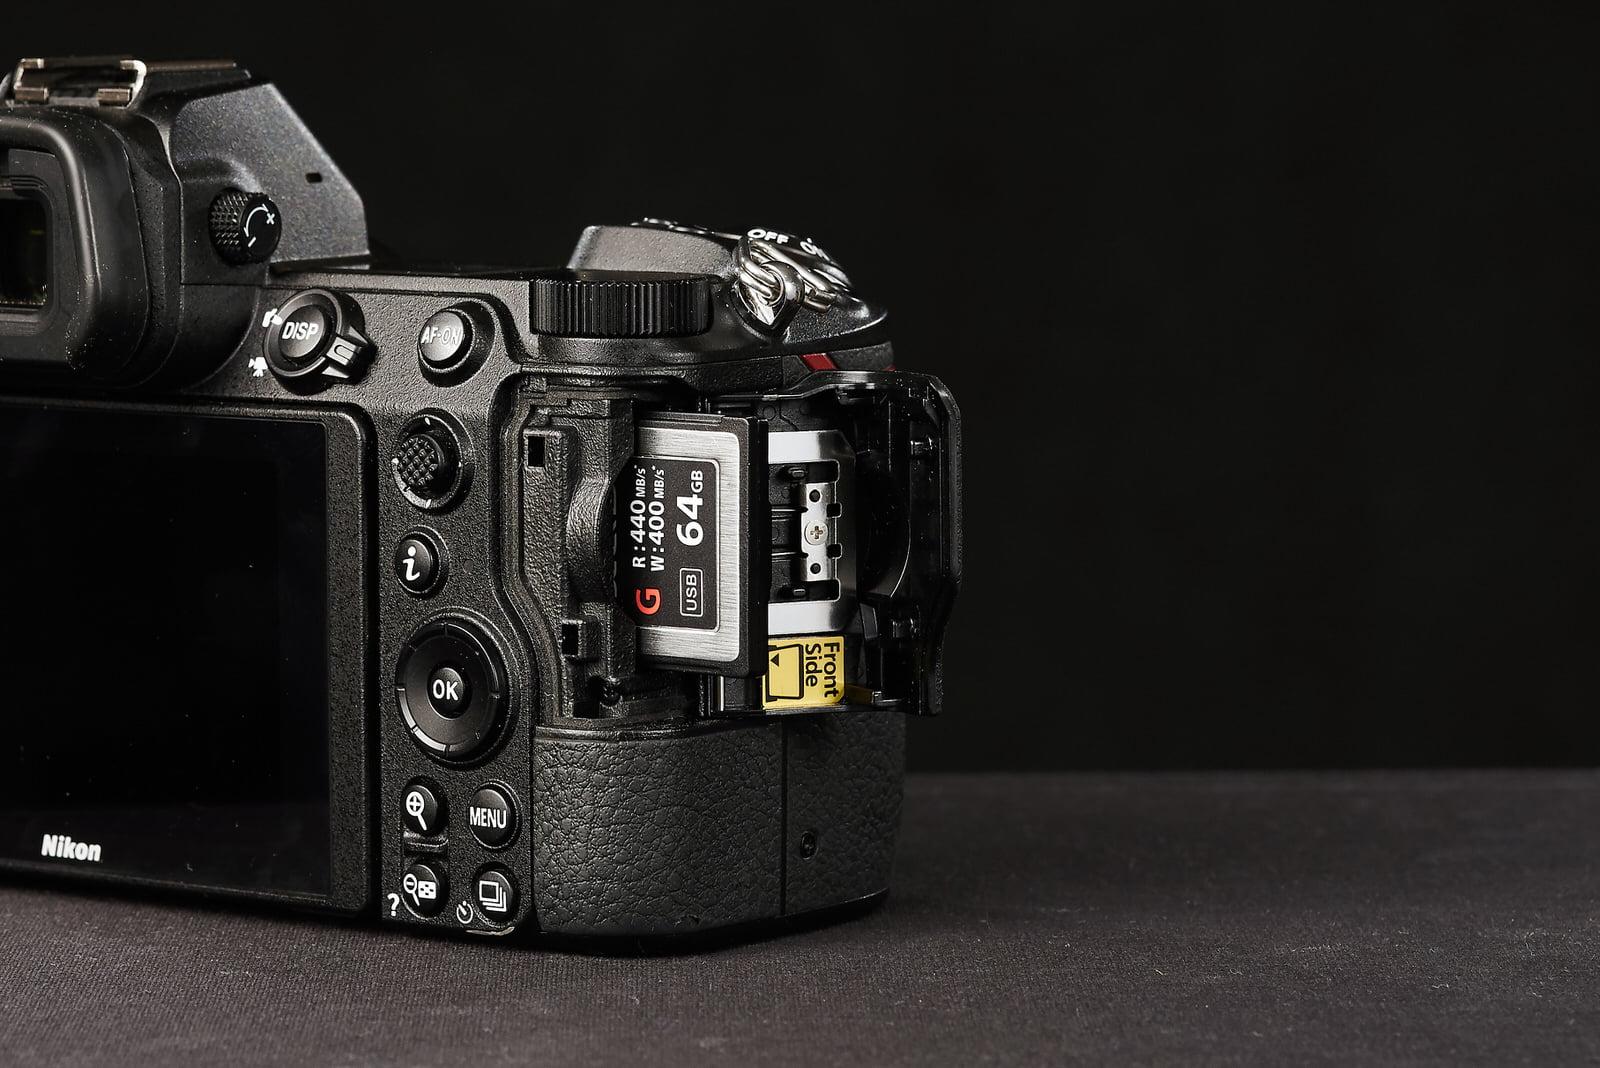 Recenzja Nikon Z6 w fotografii ślubnej | Porównanie do Nikona D750 7